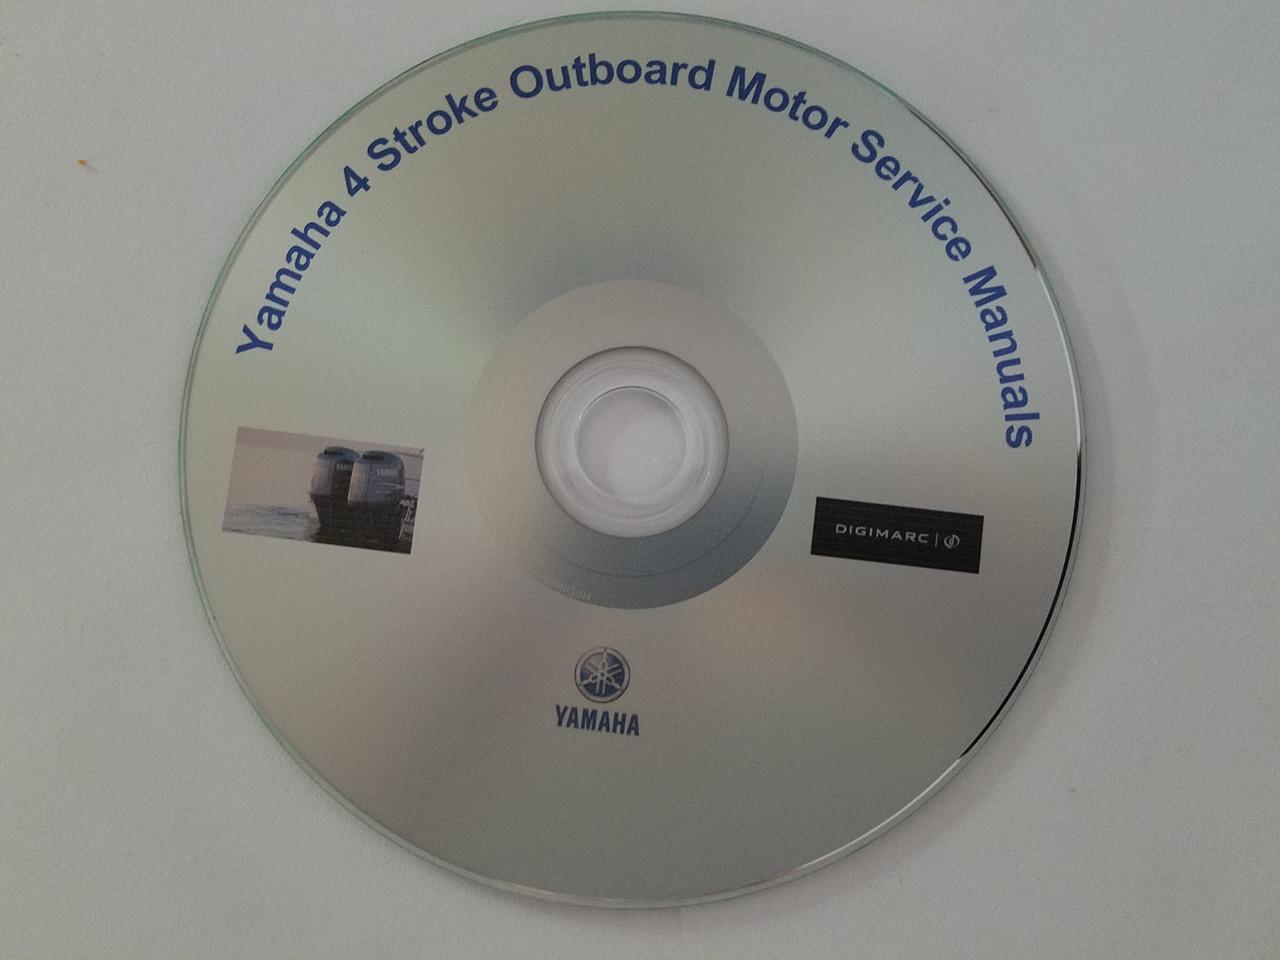 Outboard Motor service repair manuals